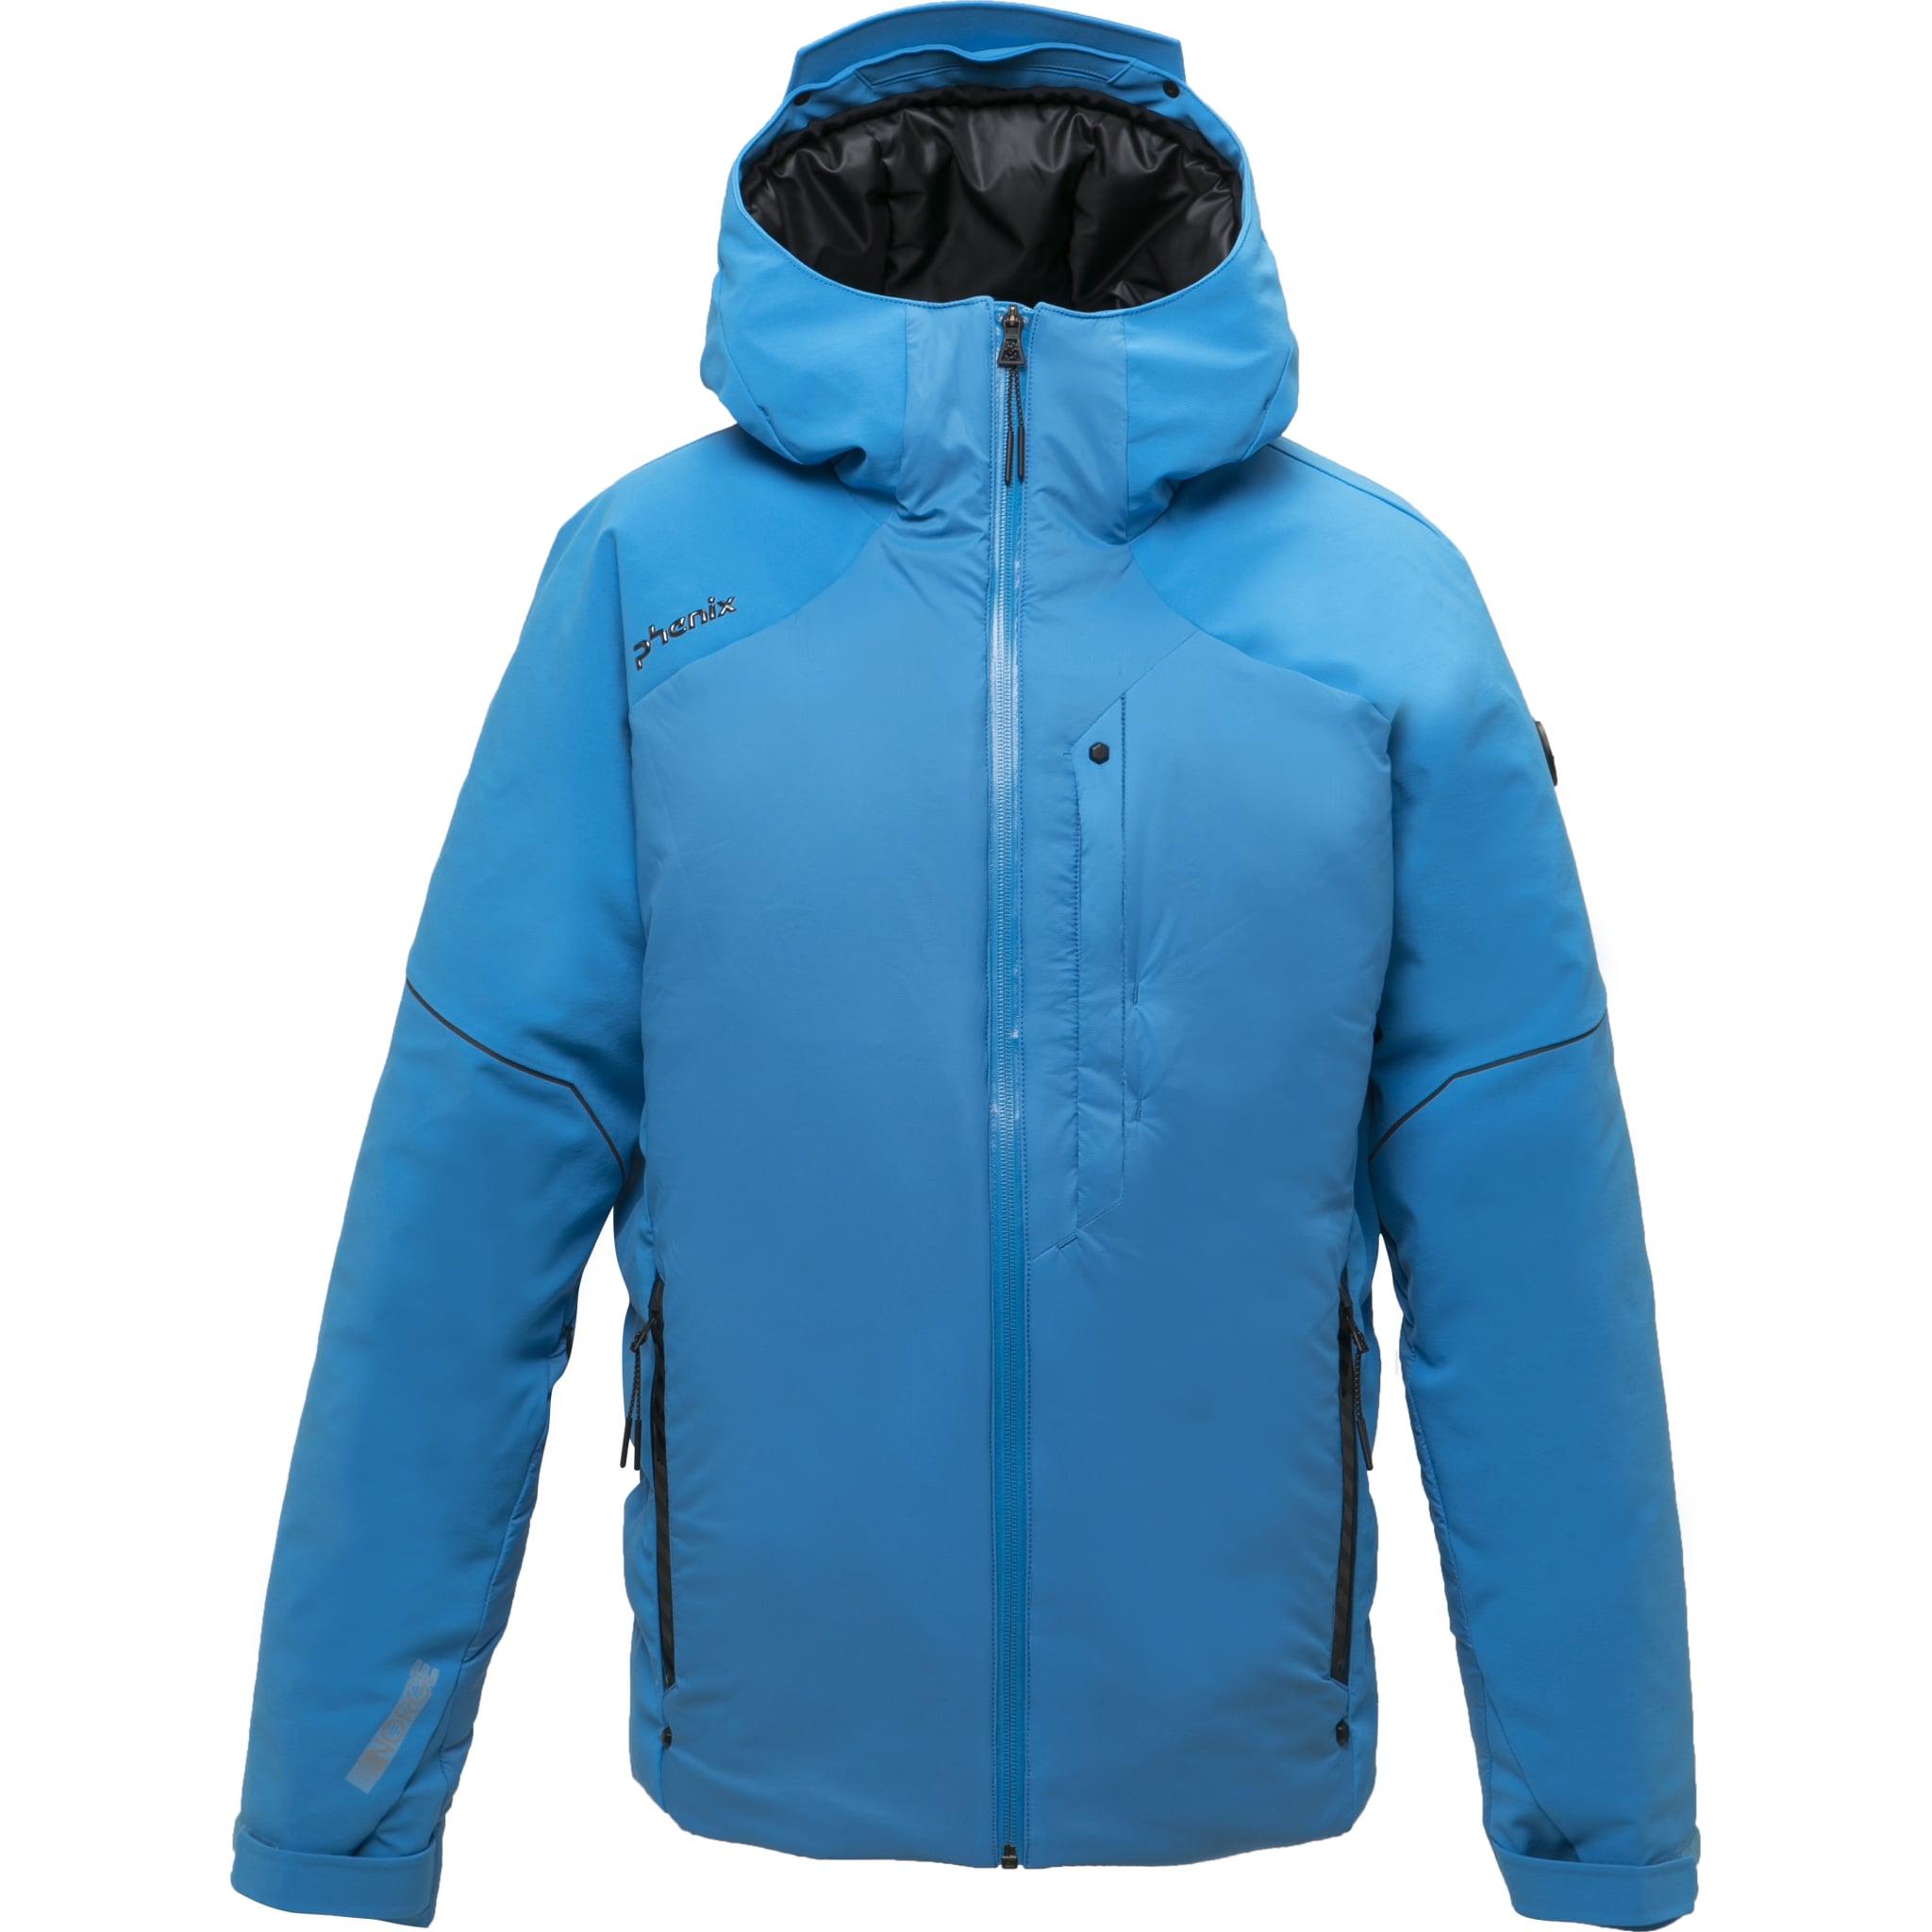 Vindtett og vanntett jakke med dun